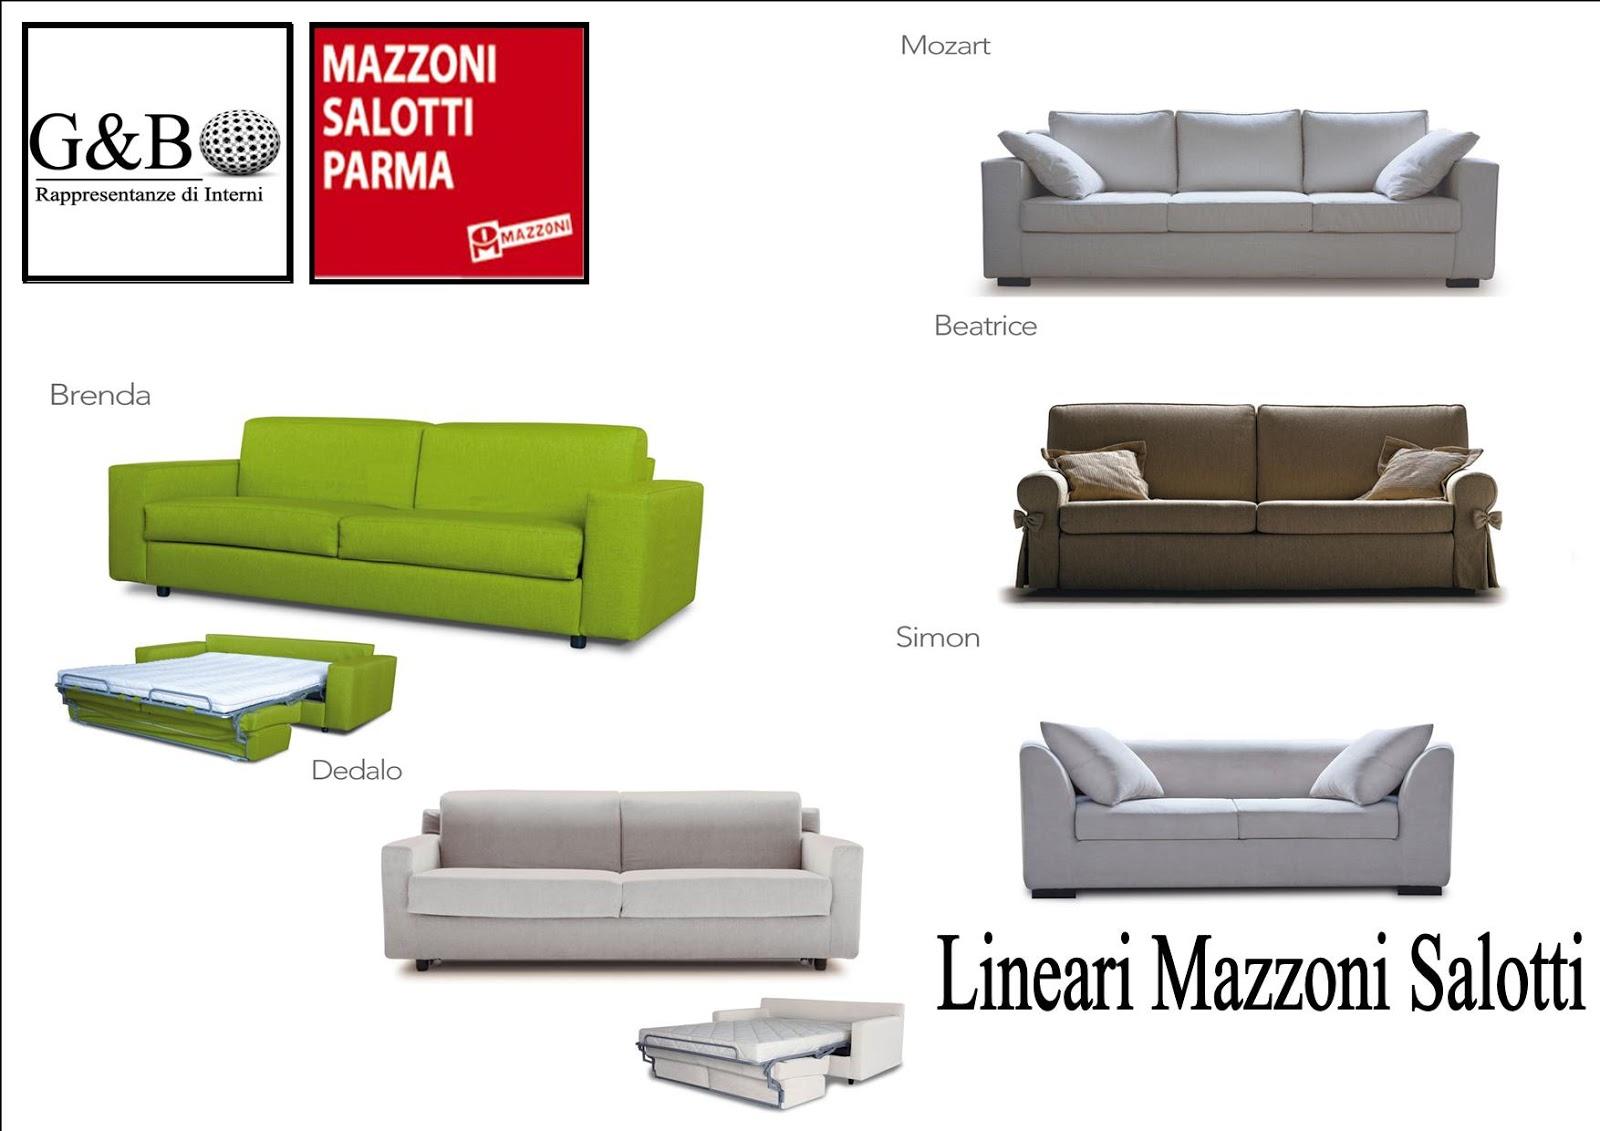 Mazzoni Salotti Prezzi.G B Rappresentanze Di Interni Mazzoni Dal 1953 Il Salotto